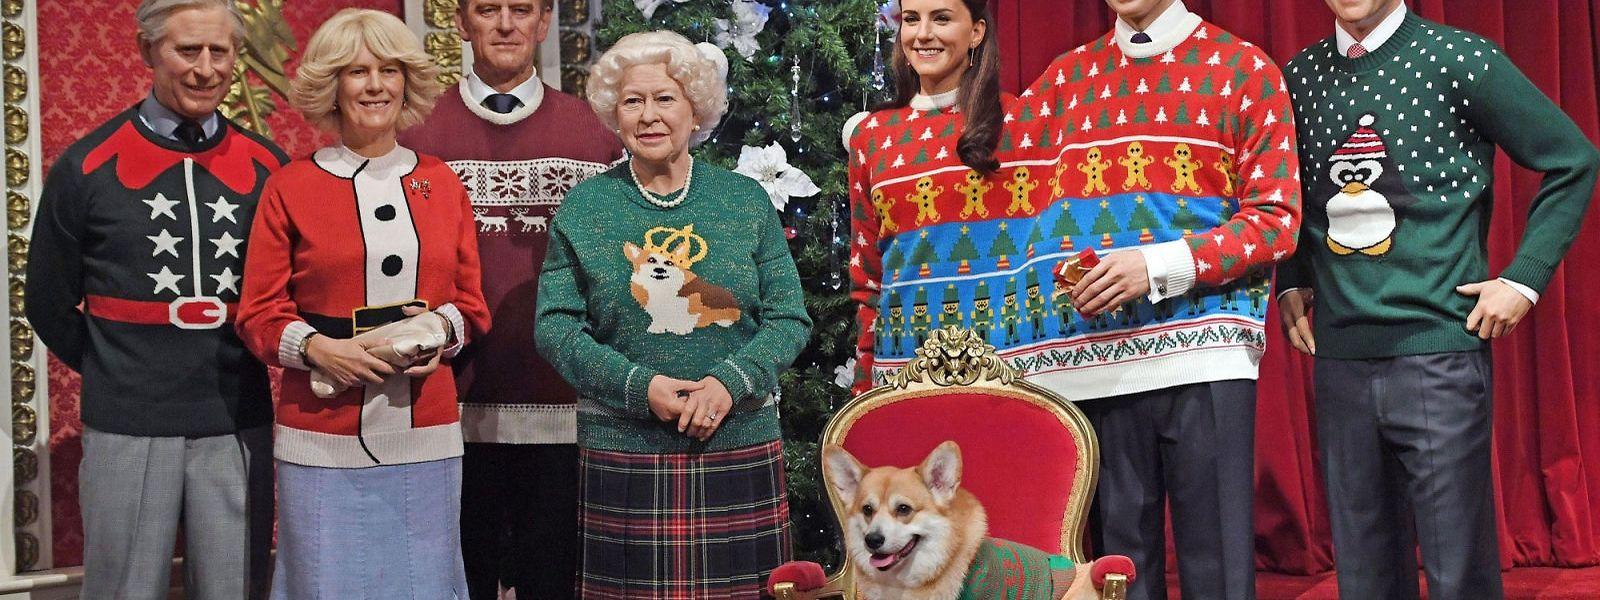 Eine schrecklich schöne Familie - doch warum haben die Royals dieses Bild autorisiert?